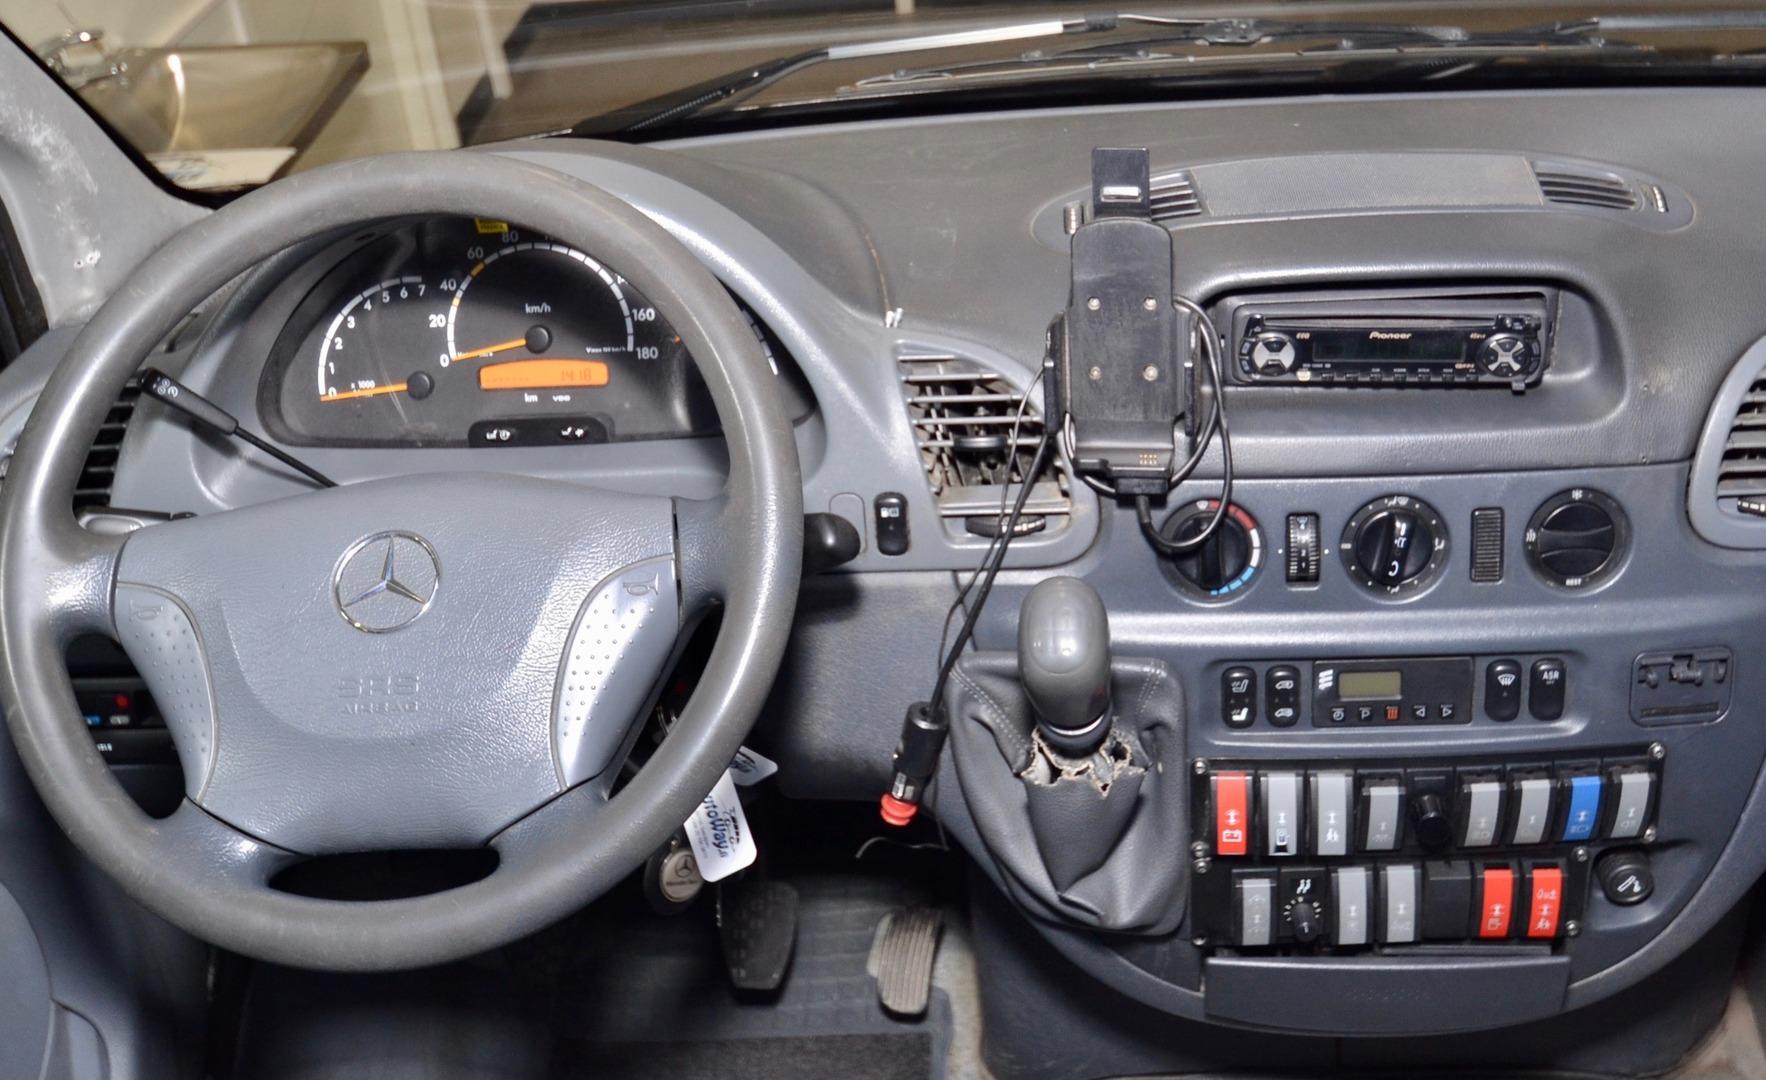 Mercedes-Benz Sprinter, 416 CDI 19+1 paikkaa